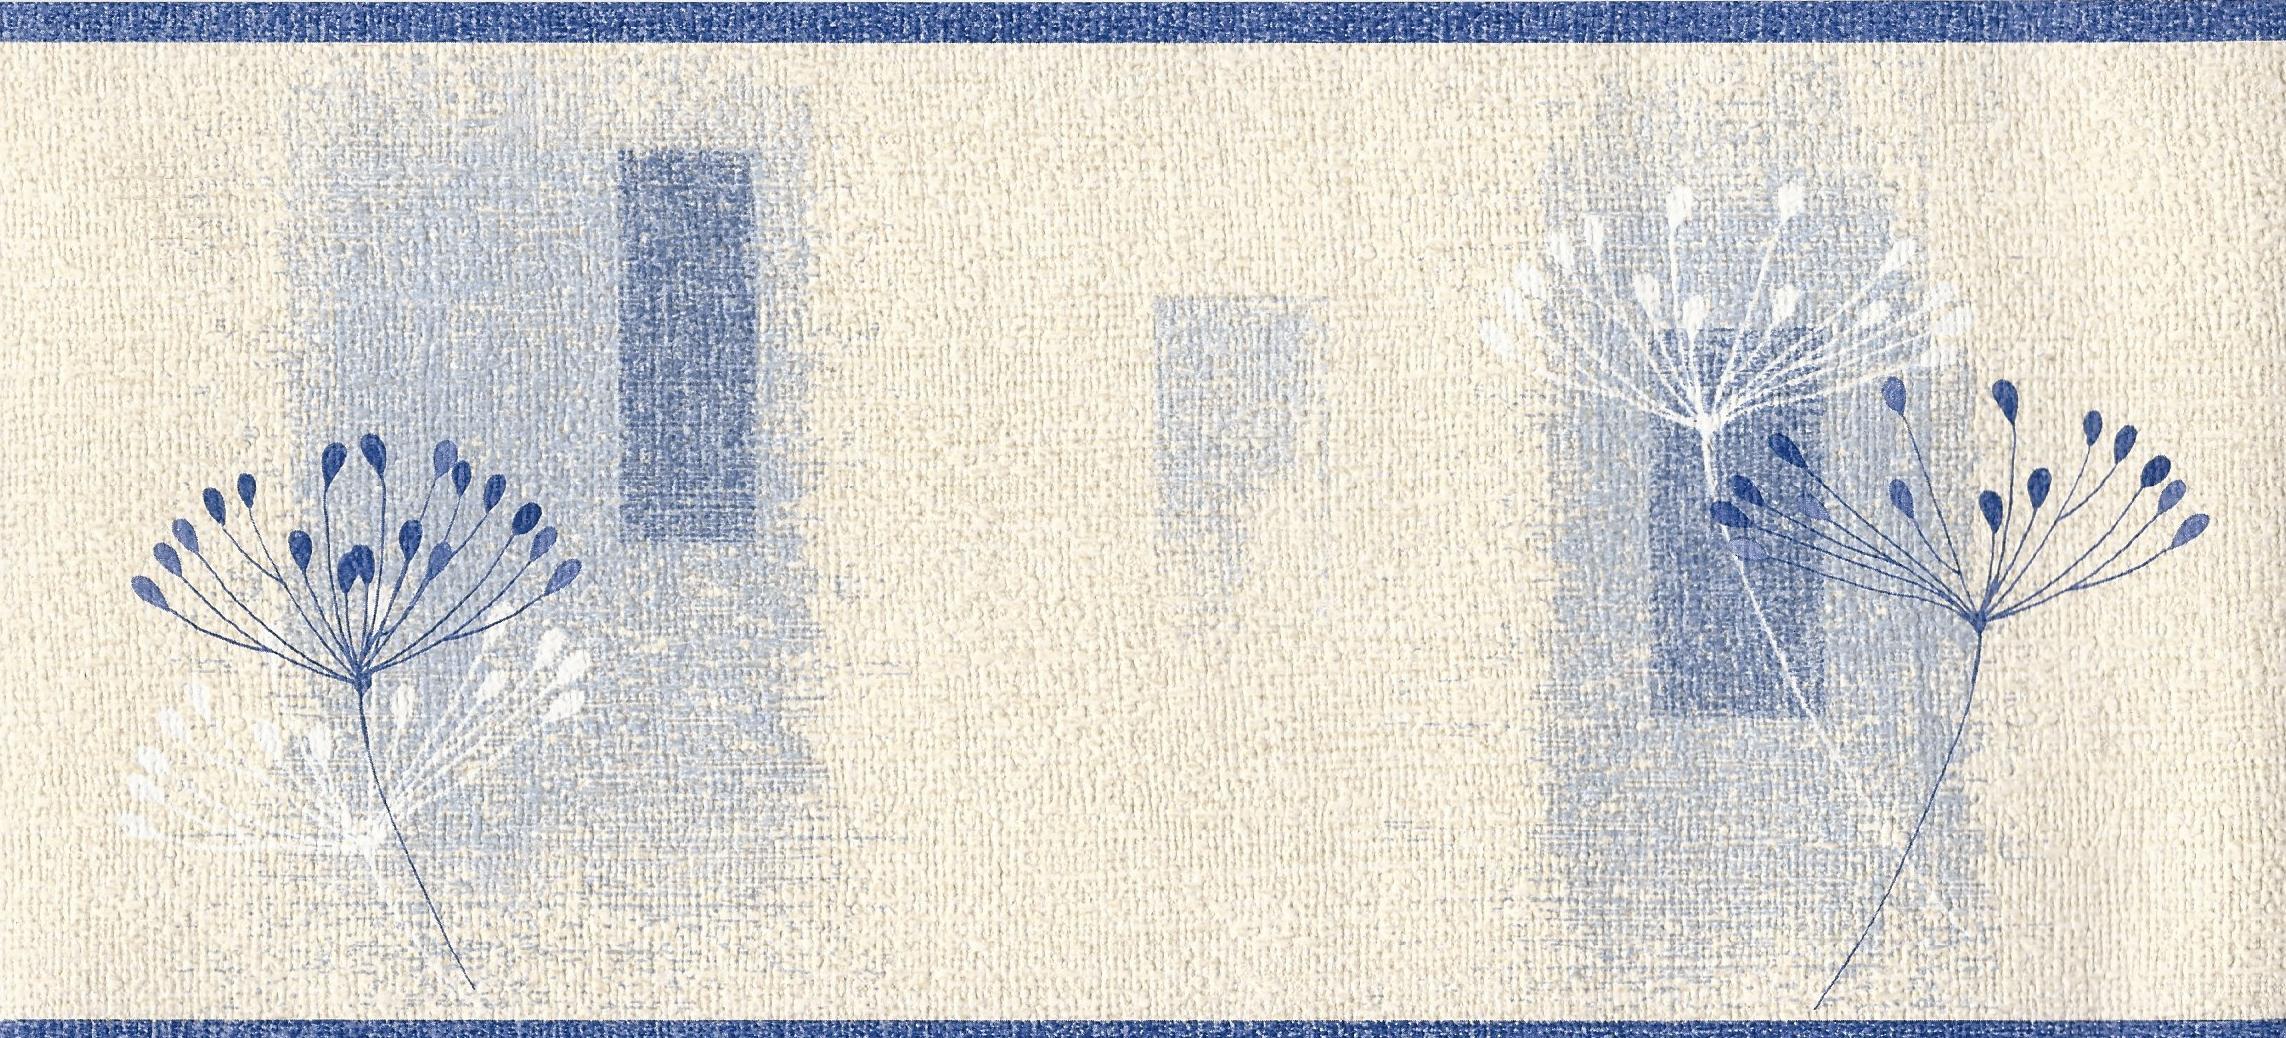 Dandelion Textured Cream Blue Border 97025 by EuroStudio 2286x1038